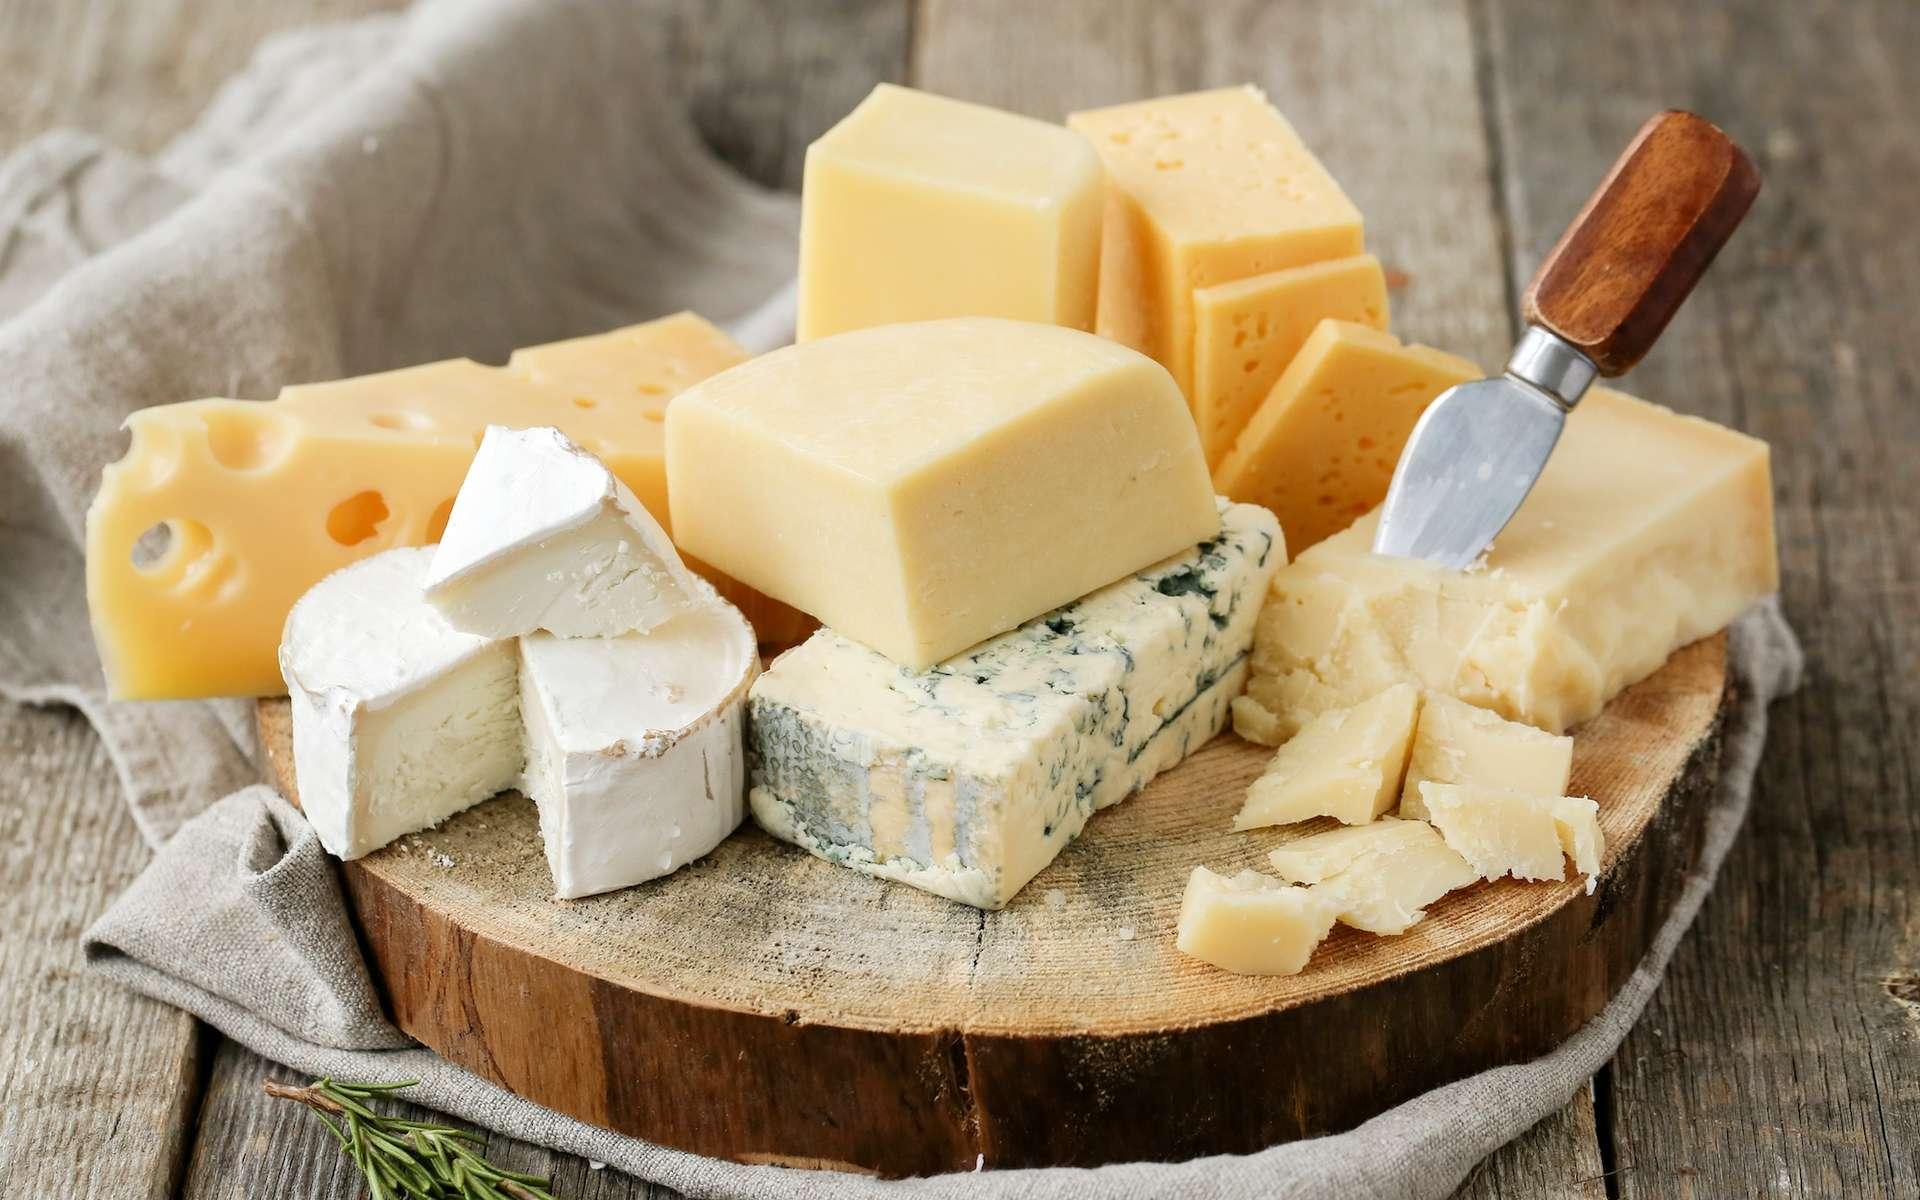 Il y aurait quelque 1.200 variétés de fromages en France selon le Centre national interprofessionnel de l'économie laitière. En voici quelques-uns. © Yeko Photo Studio, fotolia